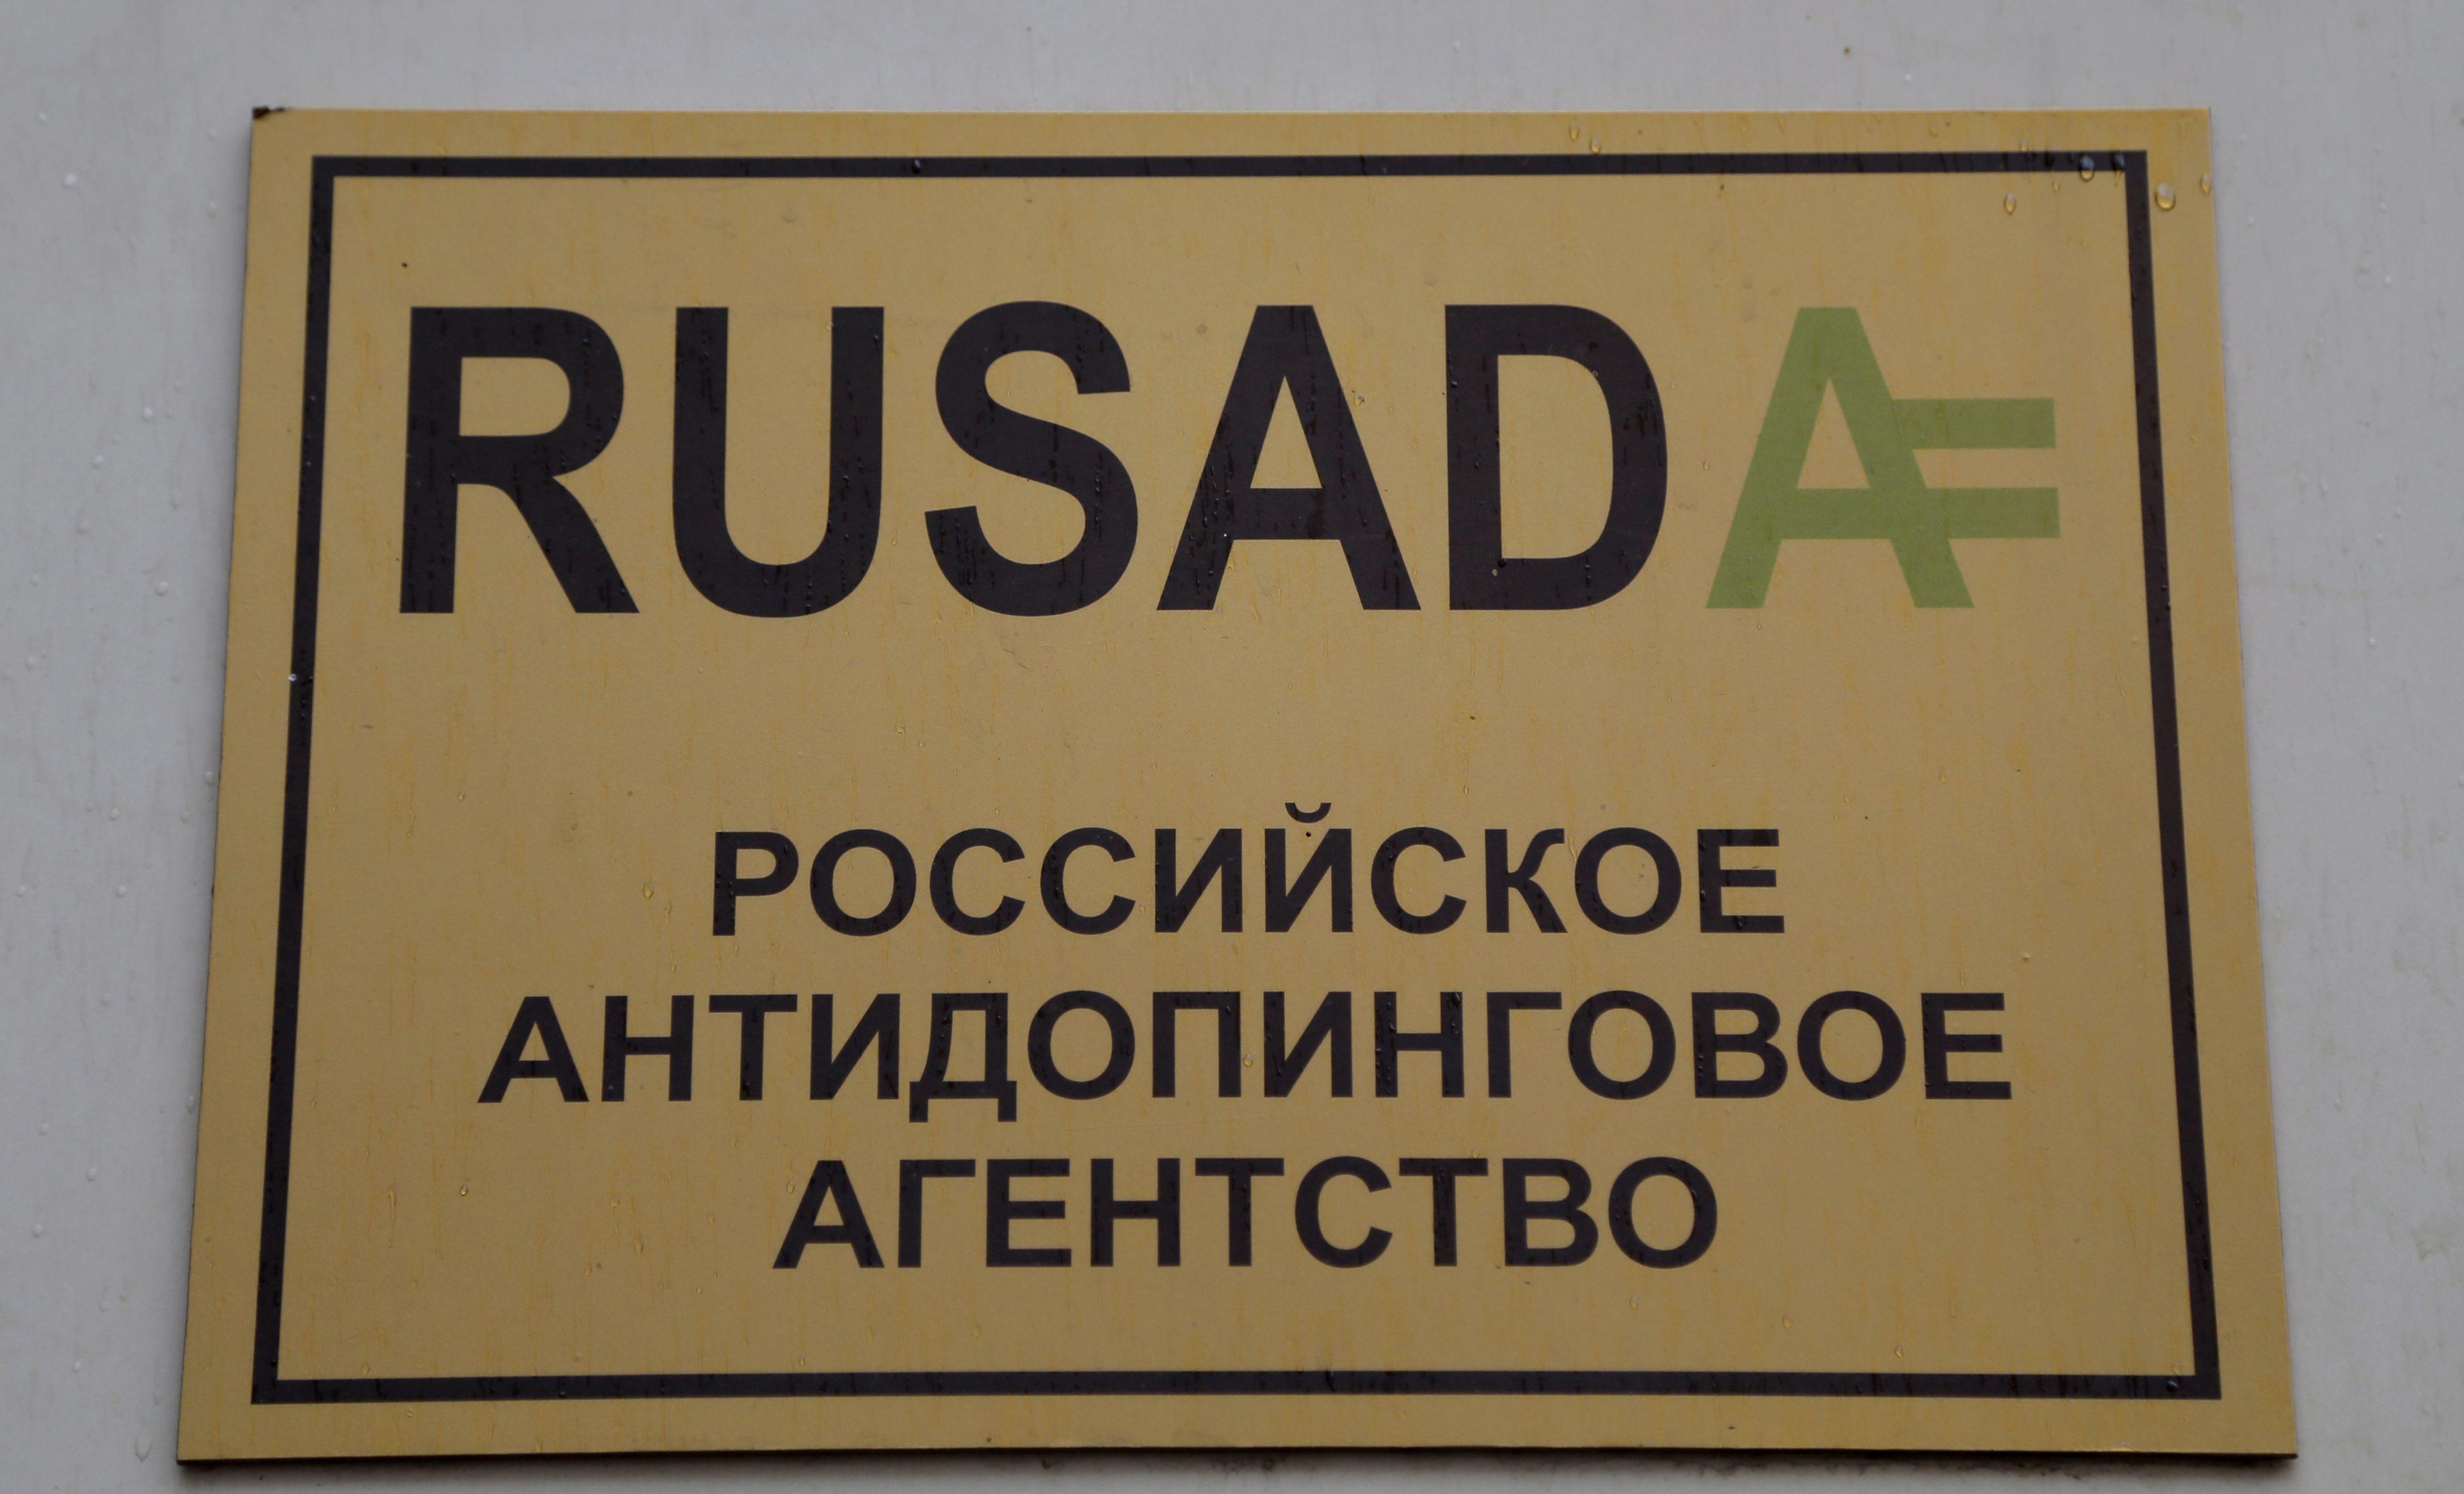 Руската антидопингова агенция остава със спрени права, след като продължава